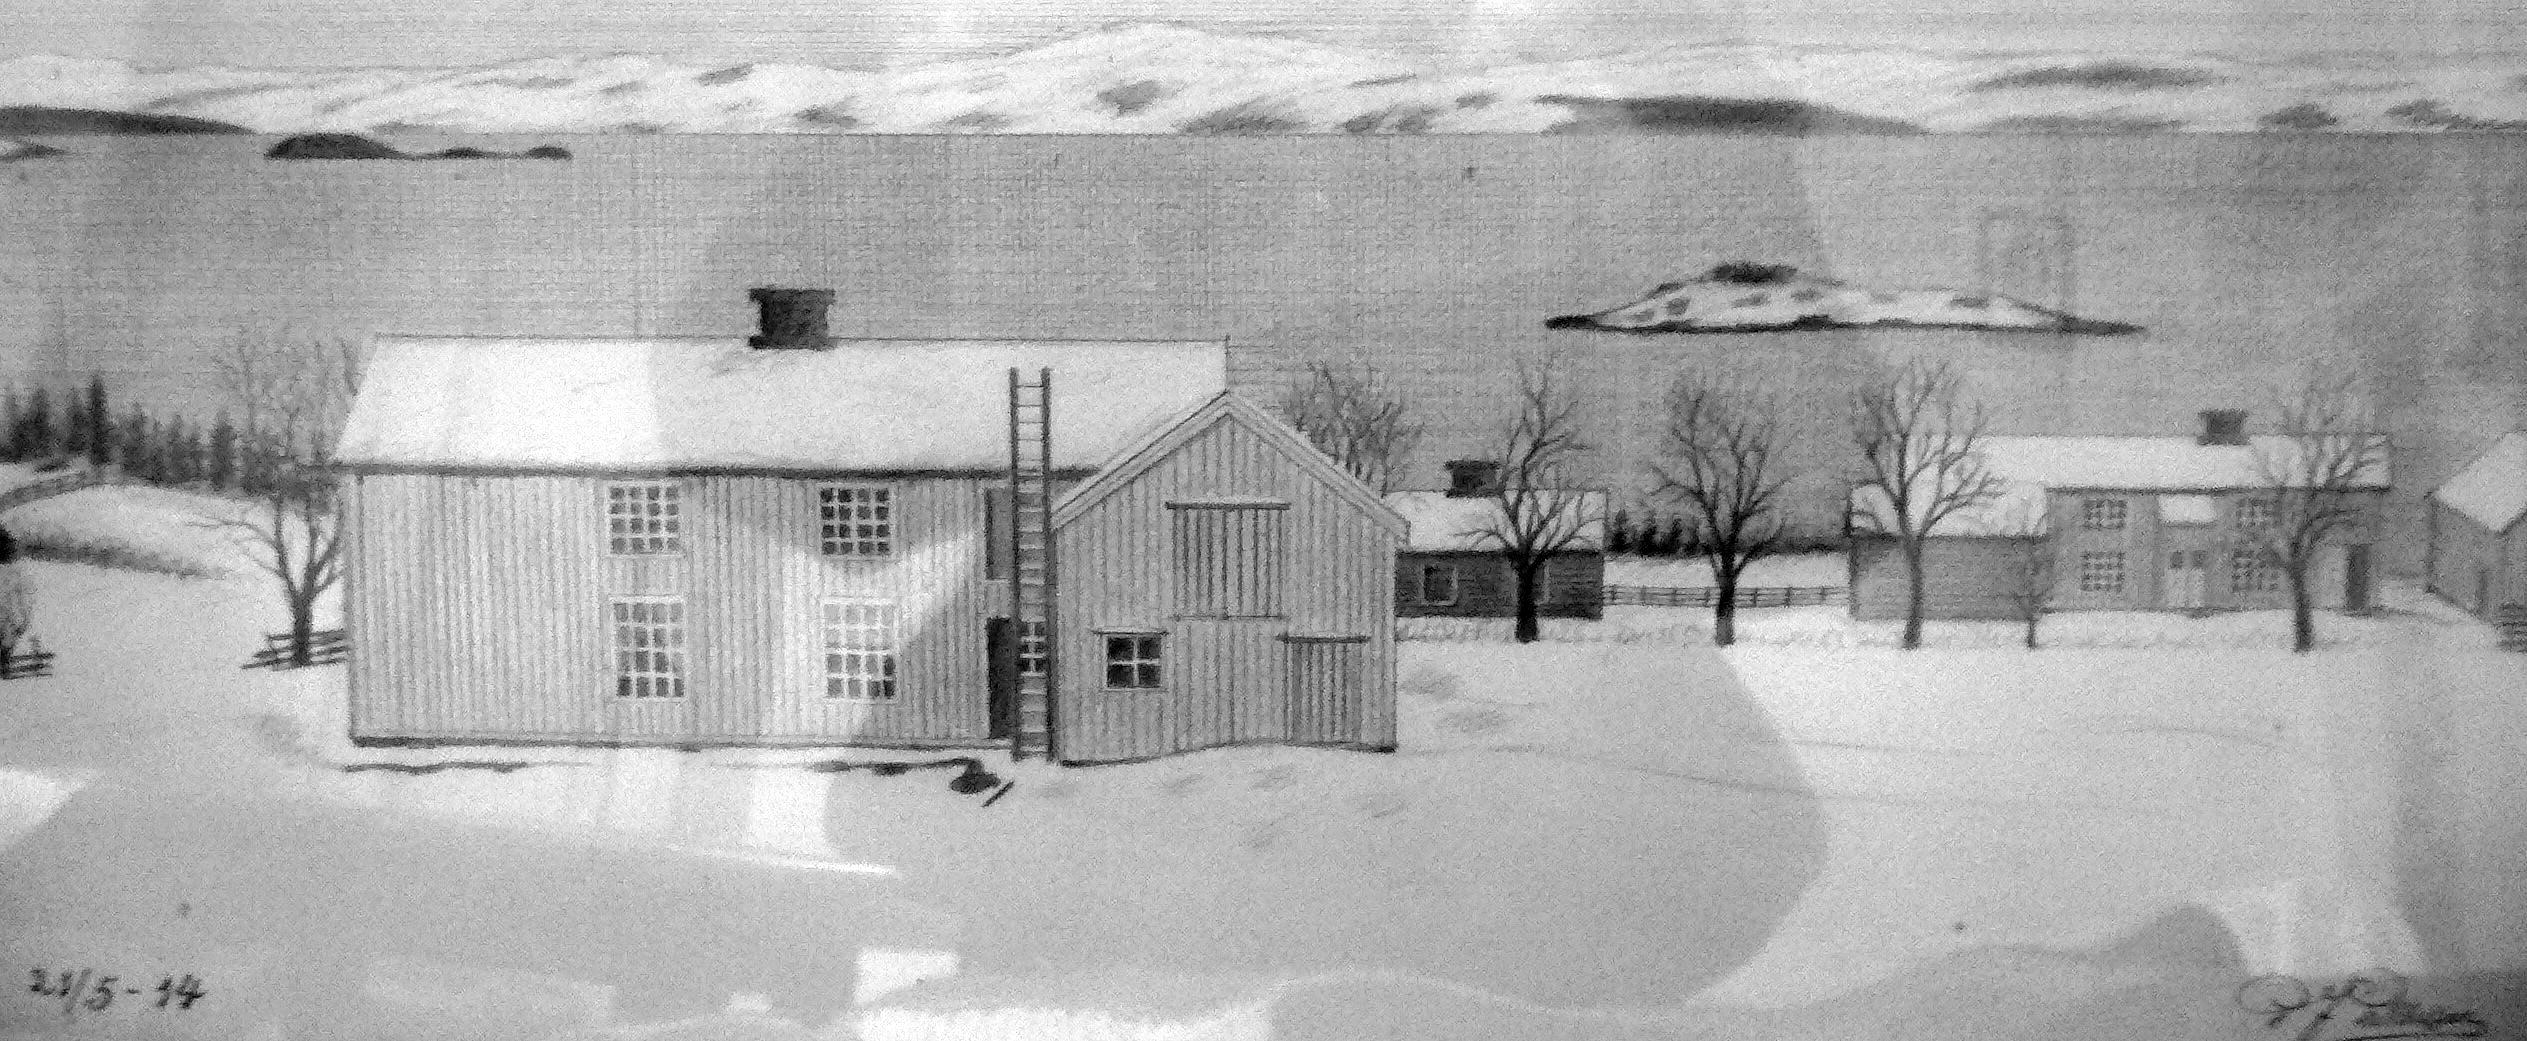 Tegning fra 2014 av husene i Øver-Rønningen, med husene i Ner-Rønningen i bakgrunnen